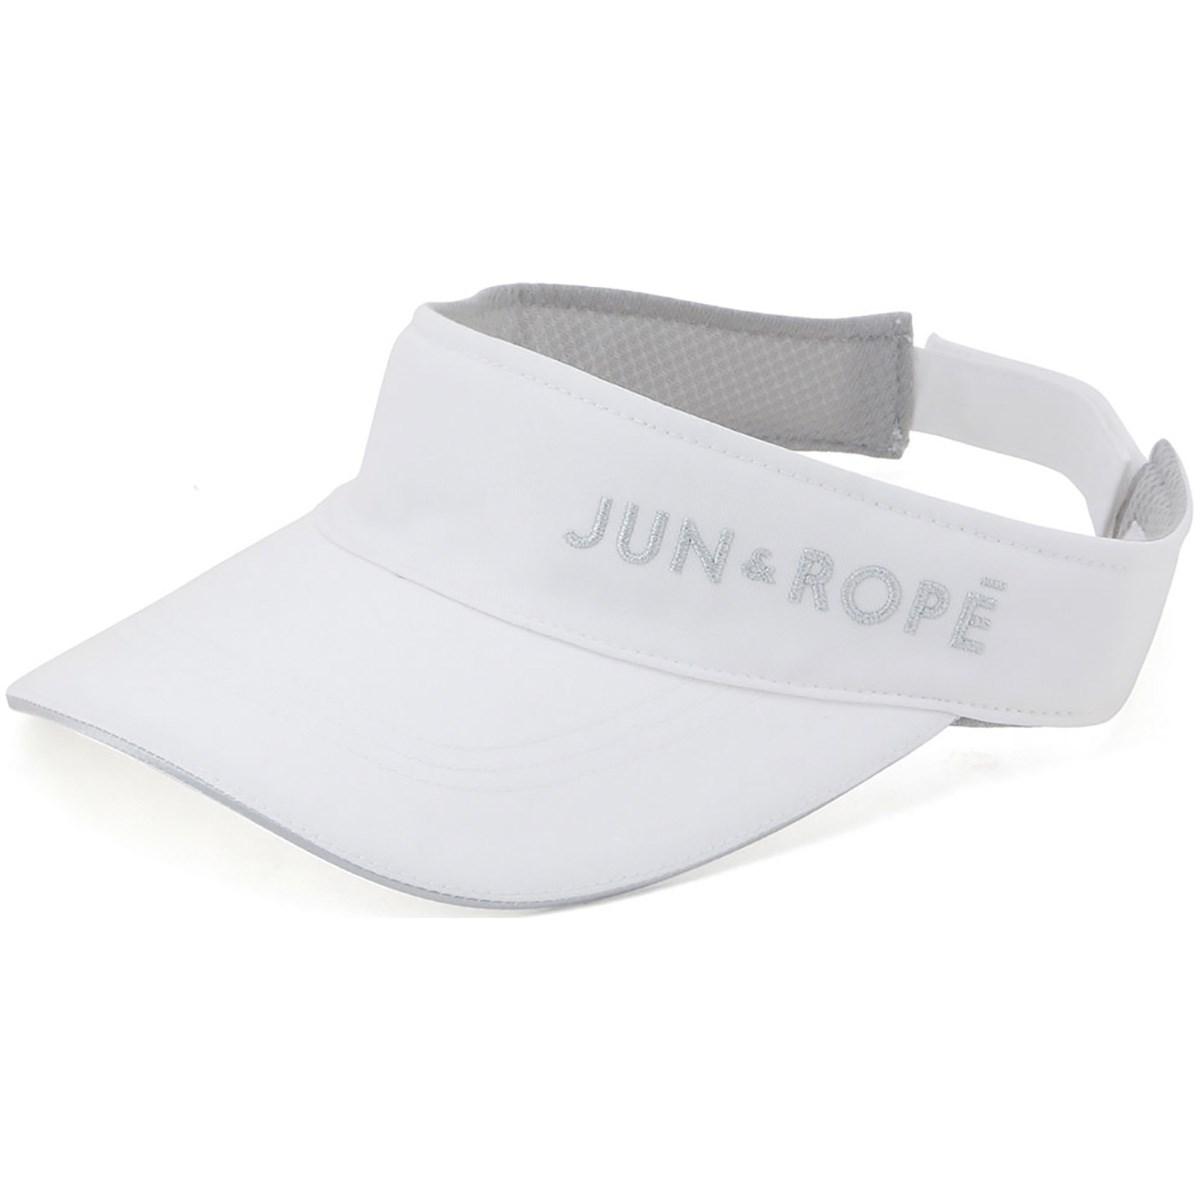 ジュン アンド ロペ JUN & ROPE 立体ラメ刺繍ロゴサンバイザー フリー ホワイト 10 レディス